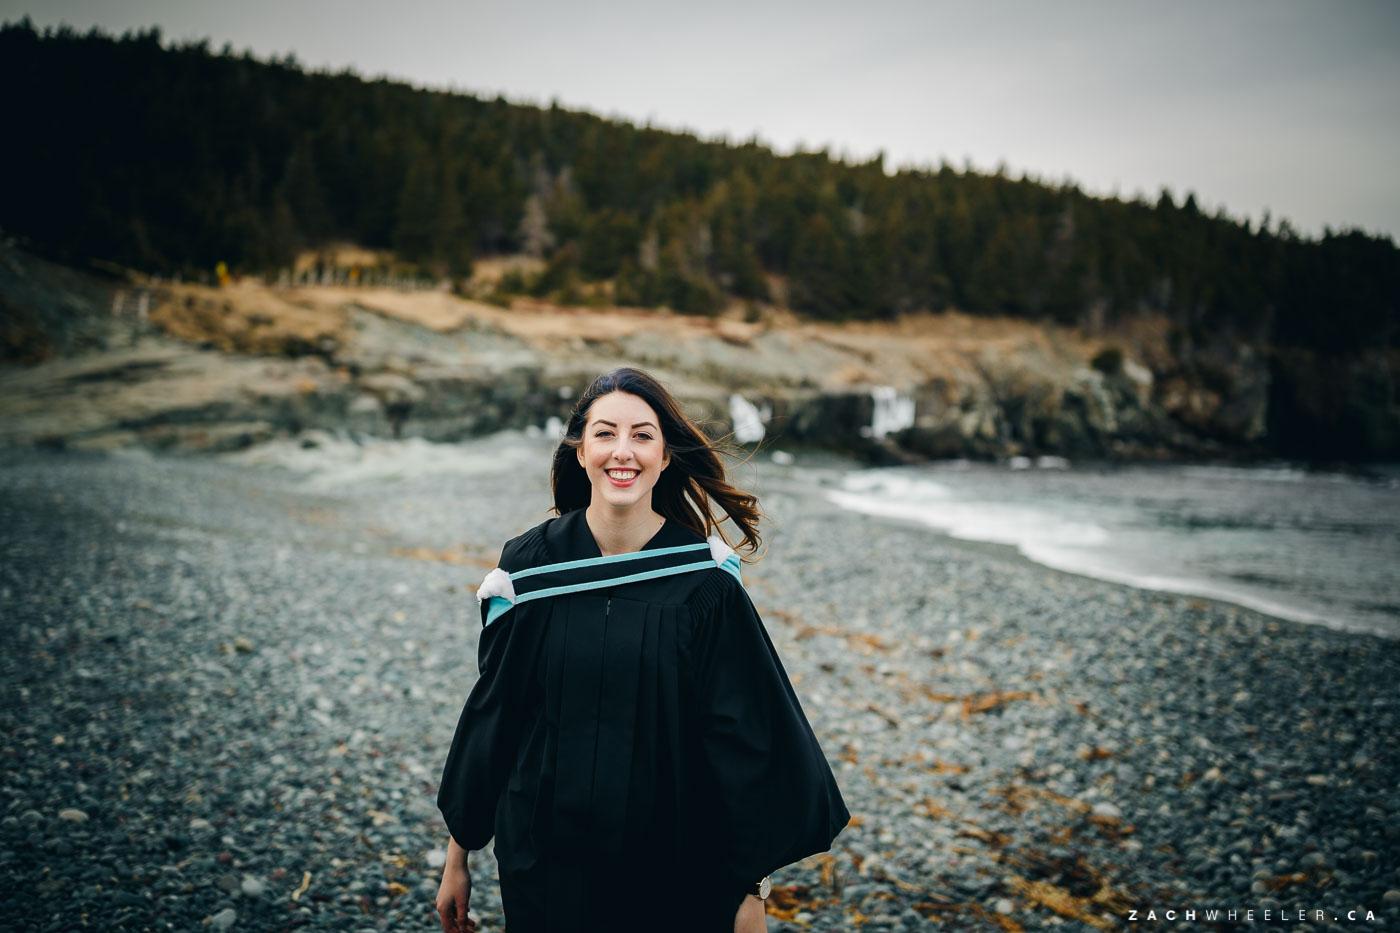 MUN-Graduation-Photographer-Outdoor-7